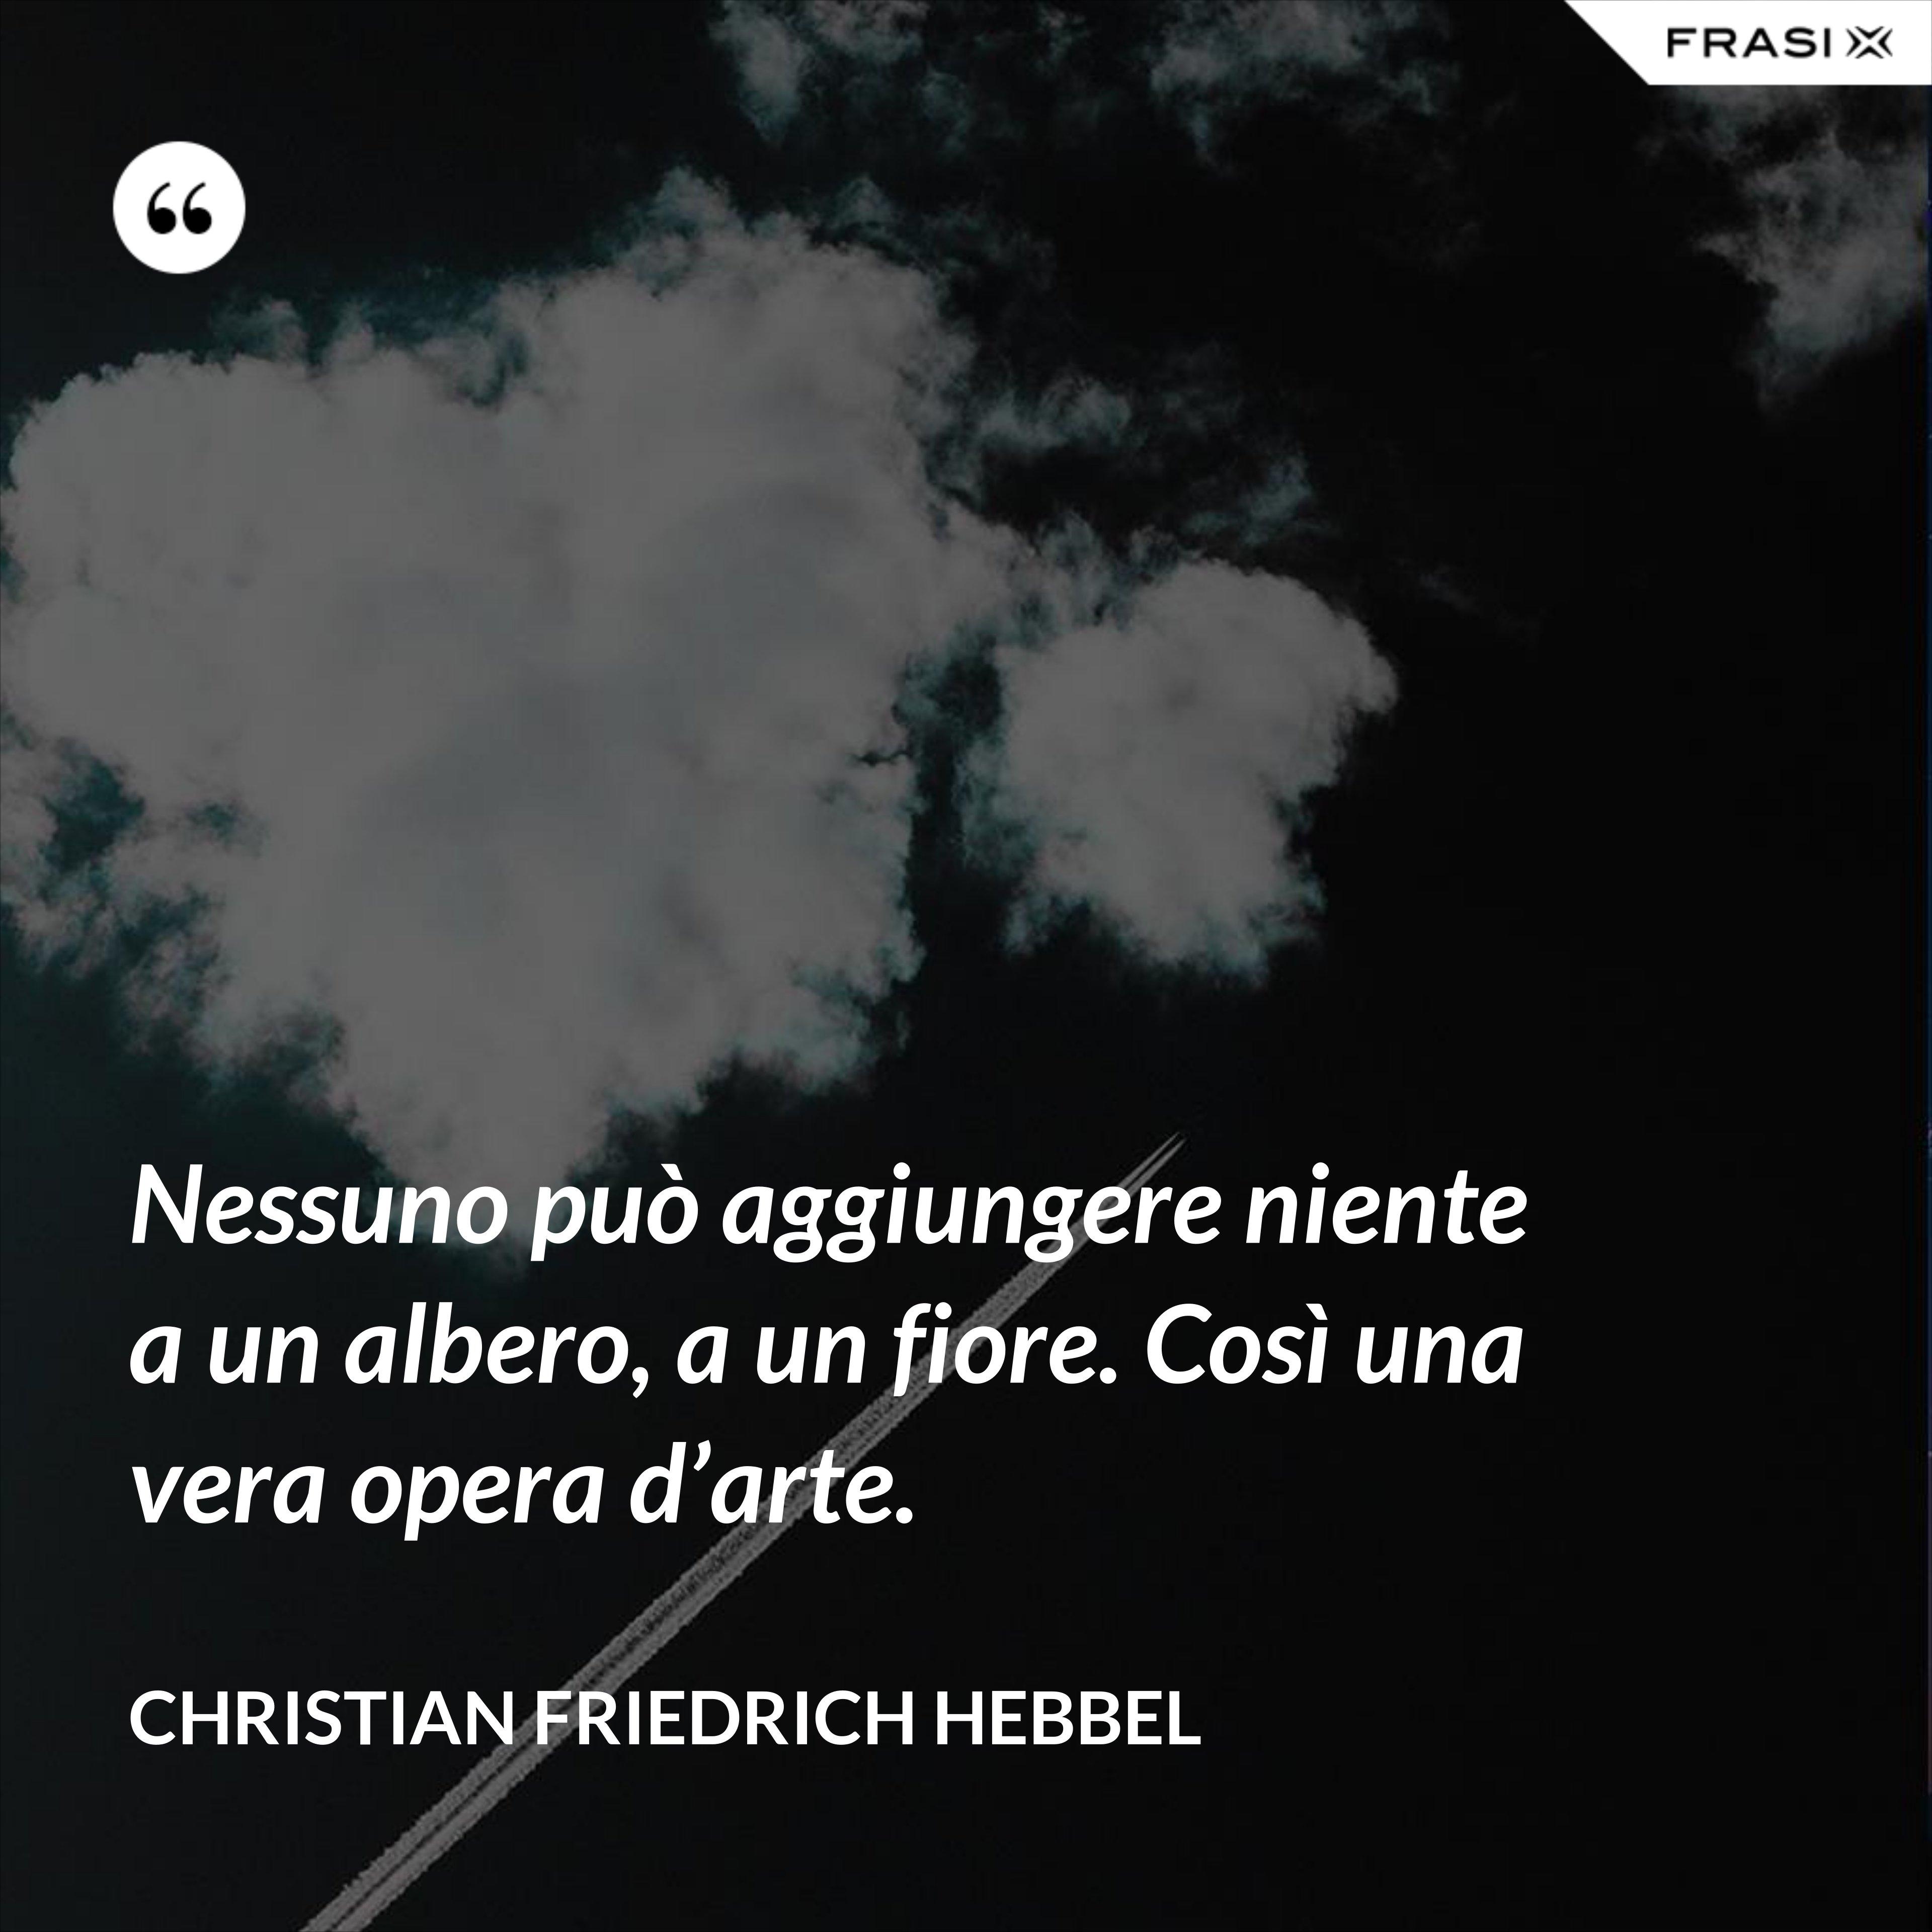 Nessuno può aggiungere niente a un albero, a un fiore. Così una vera opera d'arte. - Christian Friedrich Hebbel